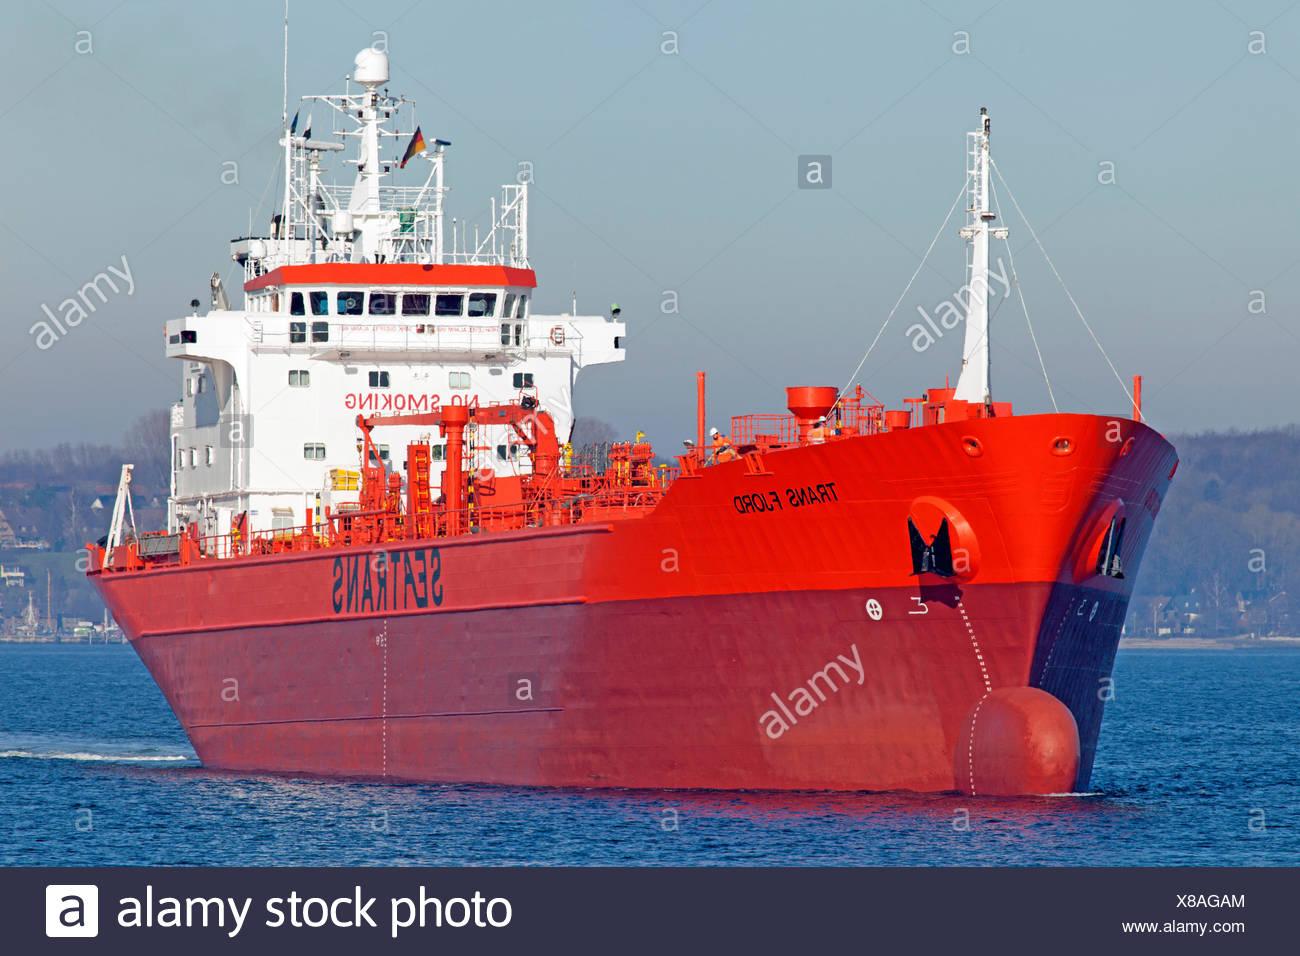 tanker, sailing boat, sailboat, rowing boat, boat, watercraft, ship, Stock Photo